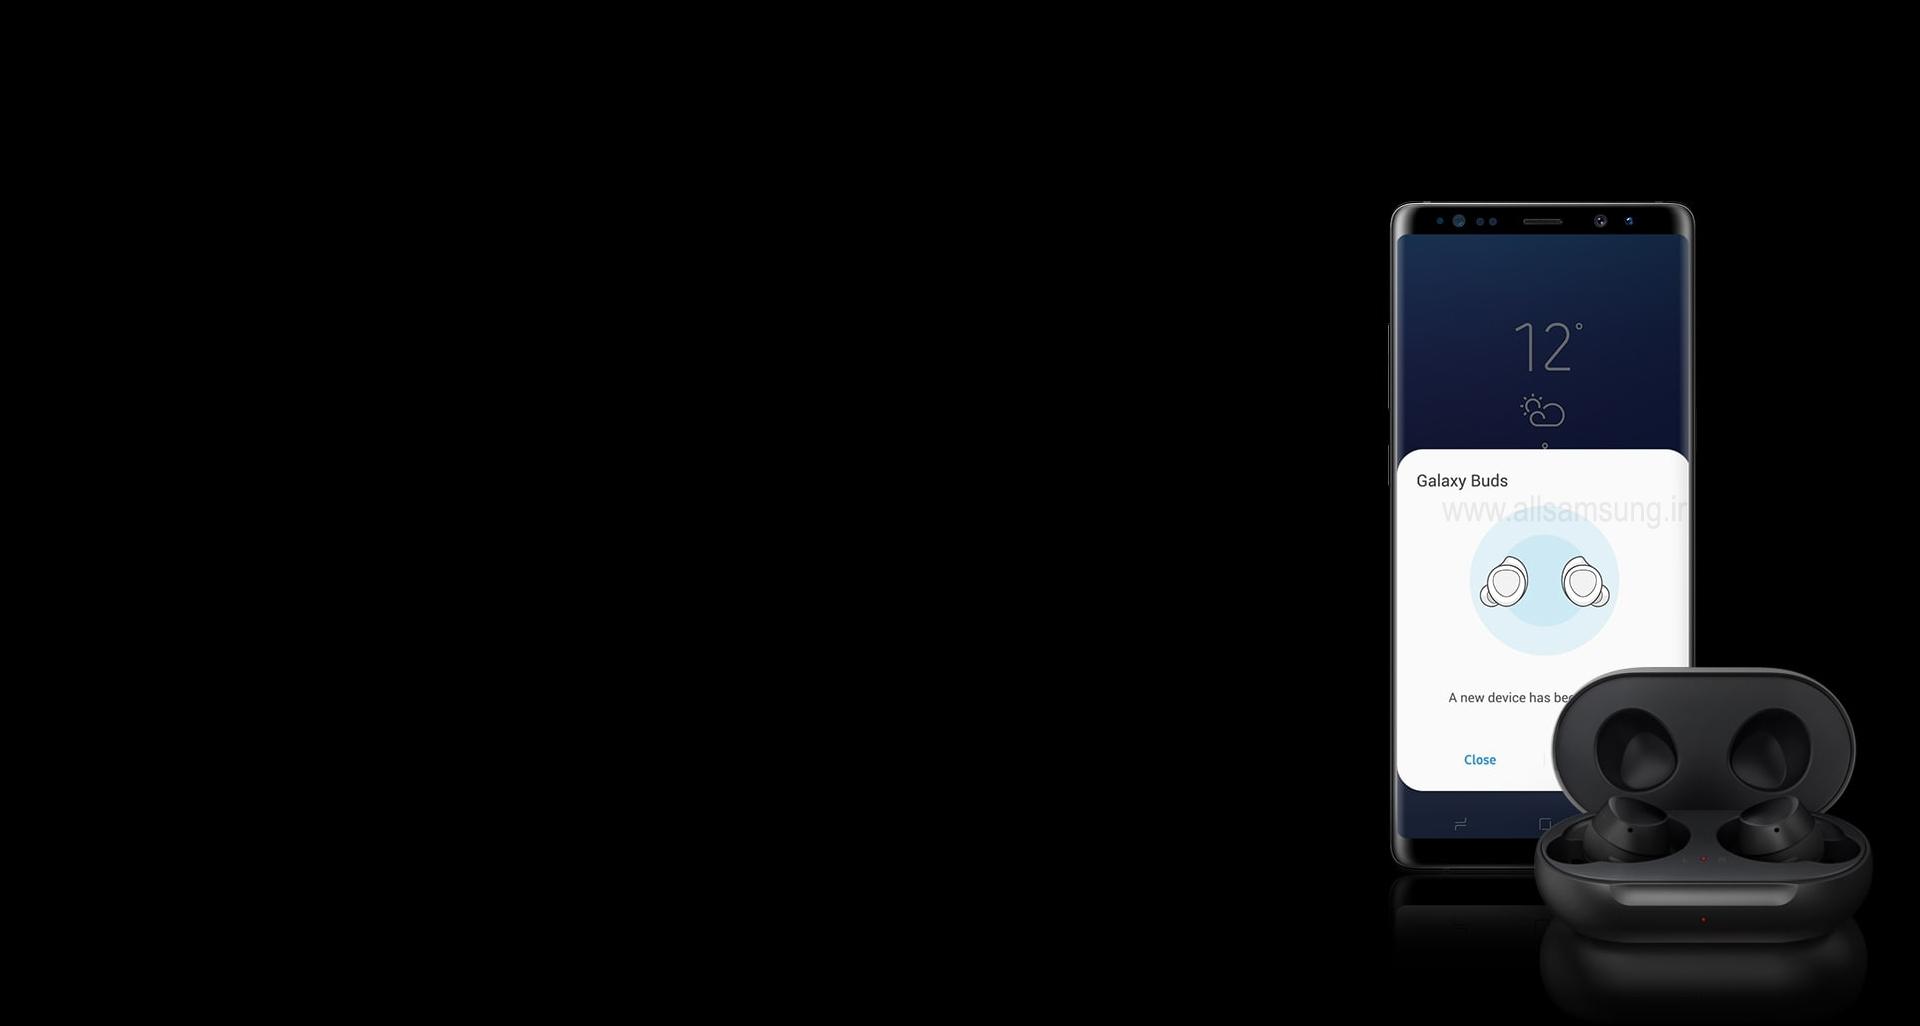 همگام شدن سریع Galaxy Buds با گوشی